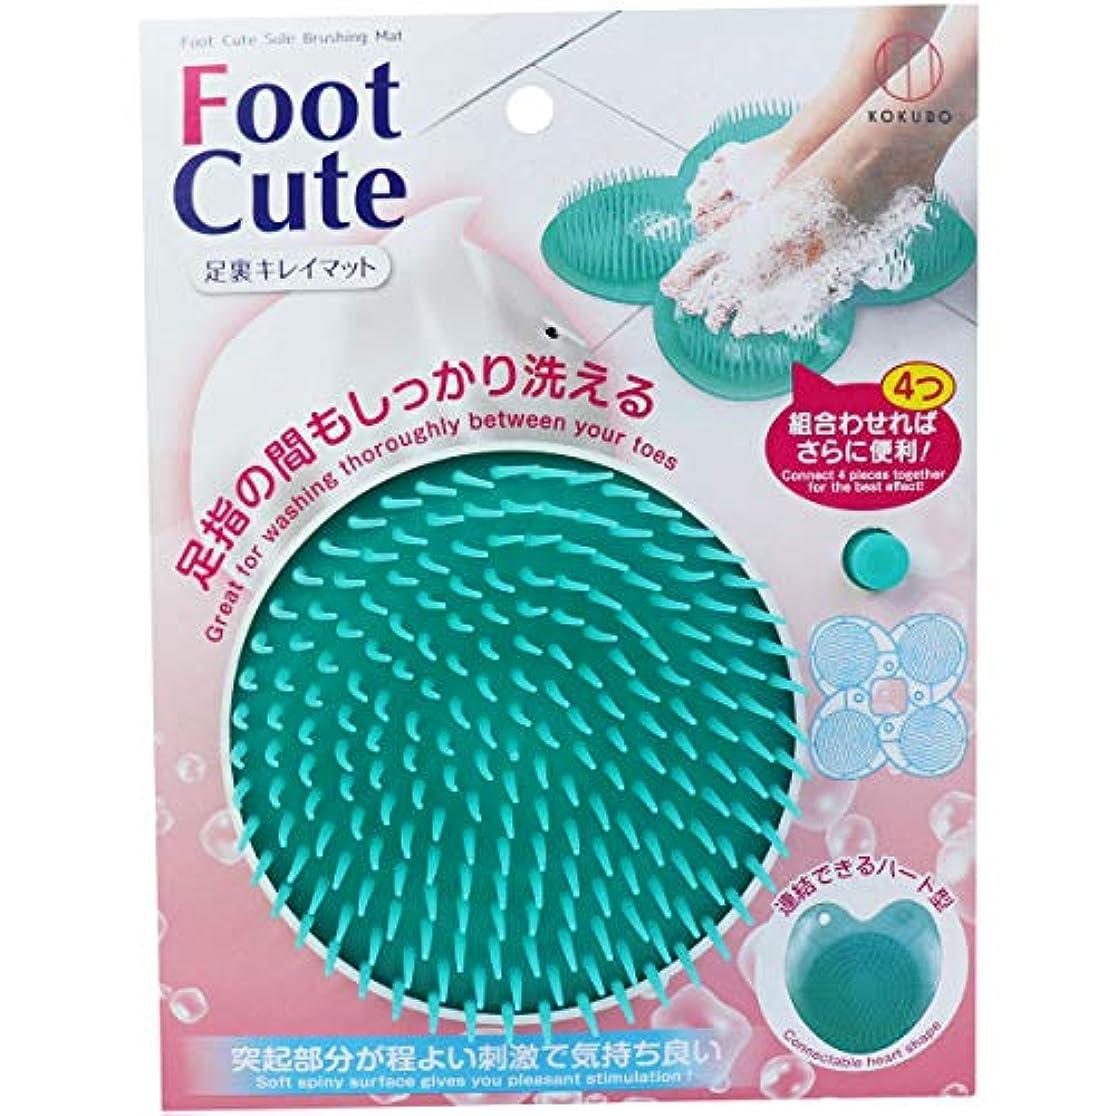 熱額消費Foot Cute 足裏キレイマット グリーン KH-057×10個セット